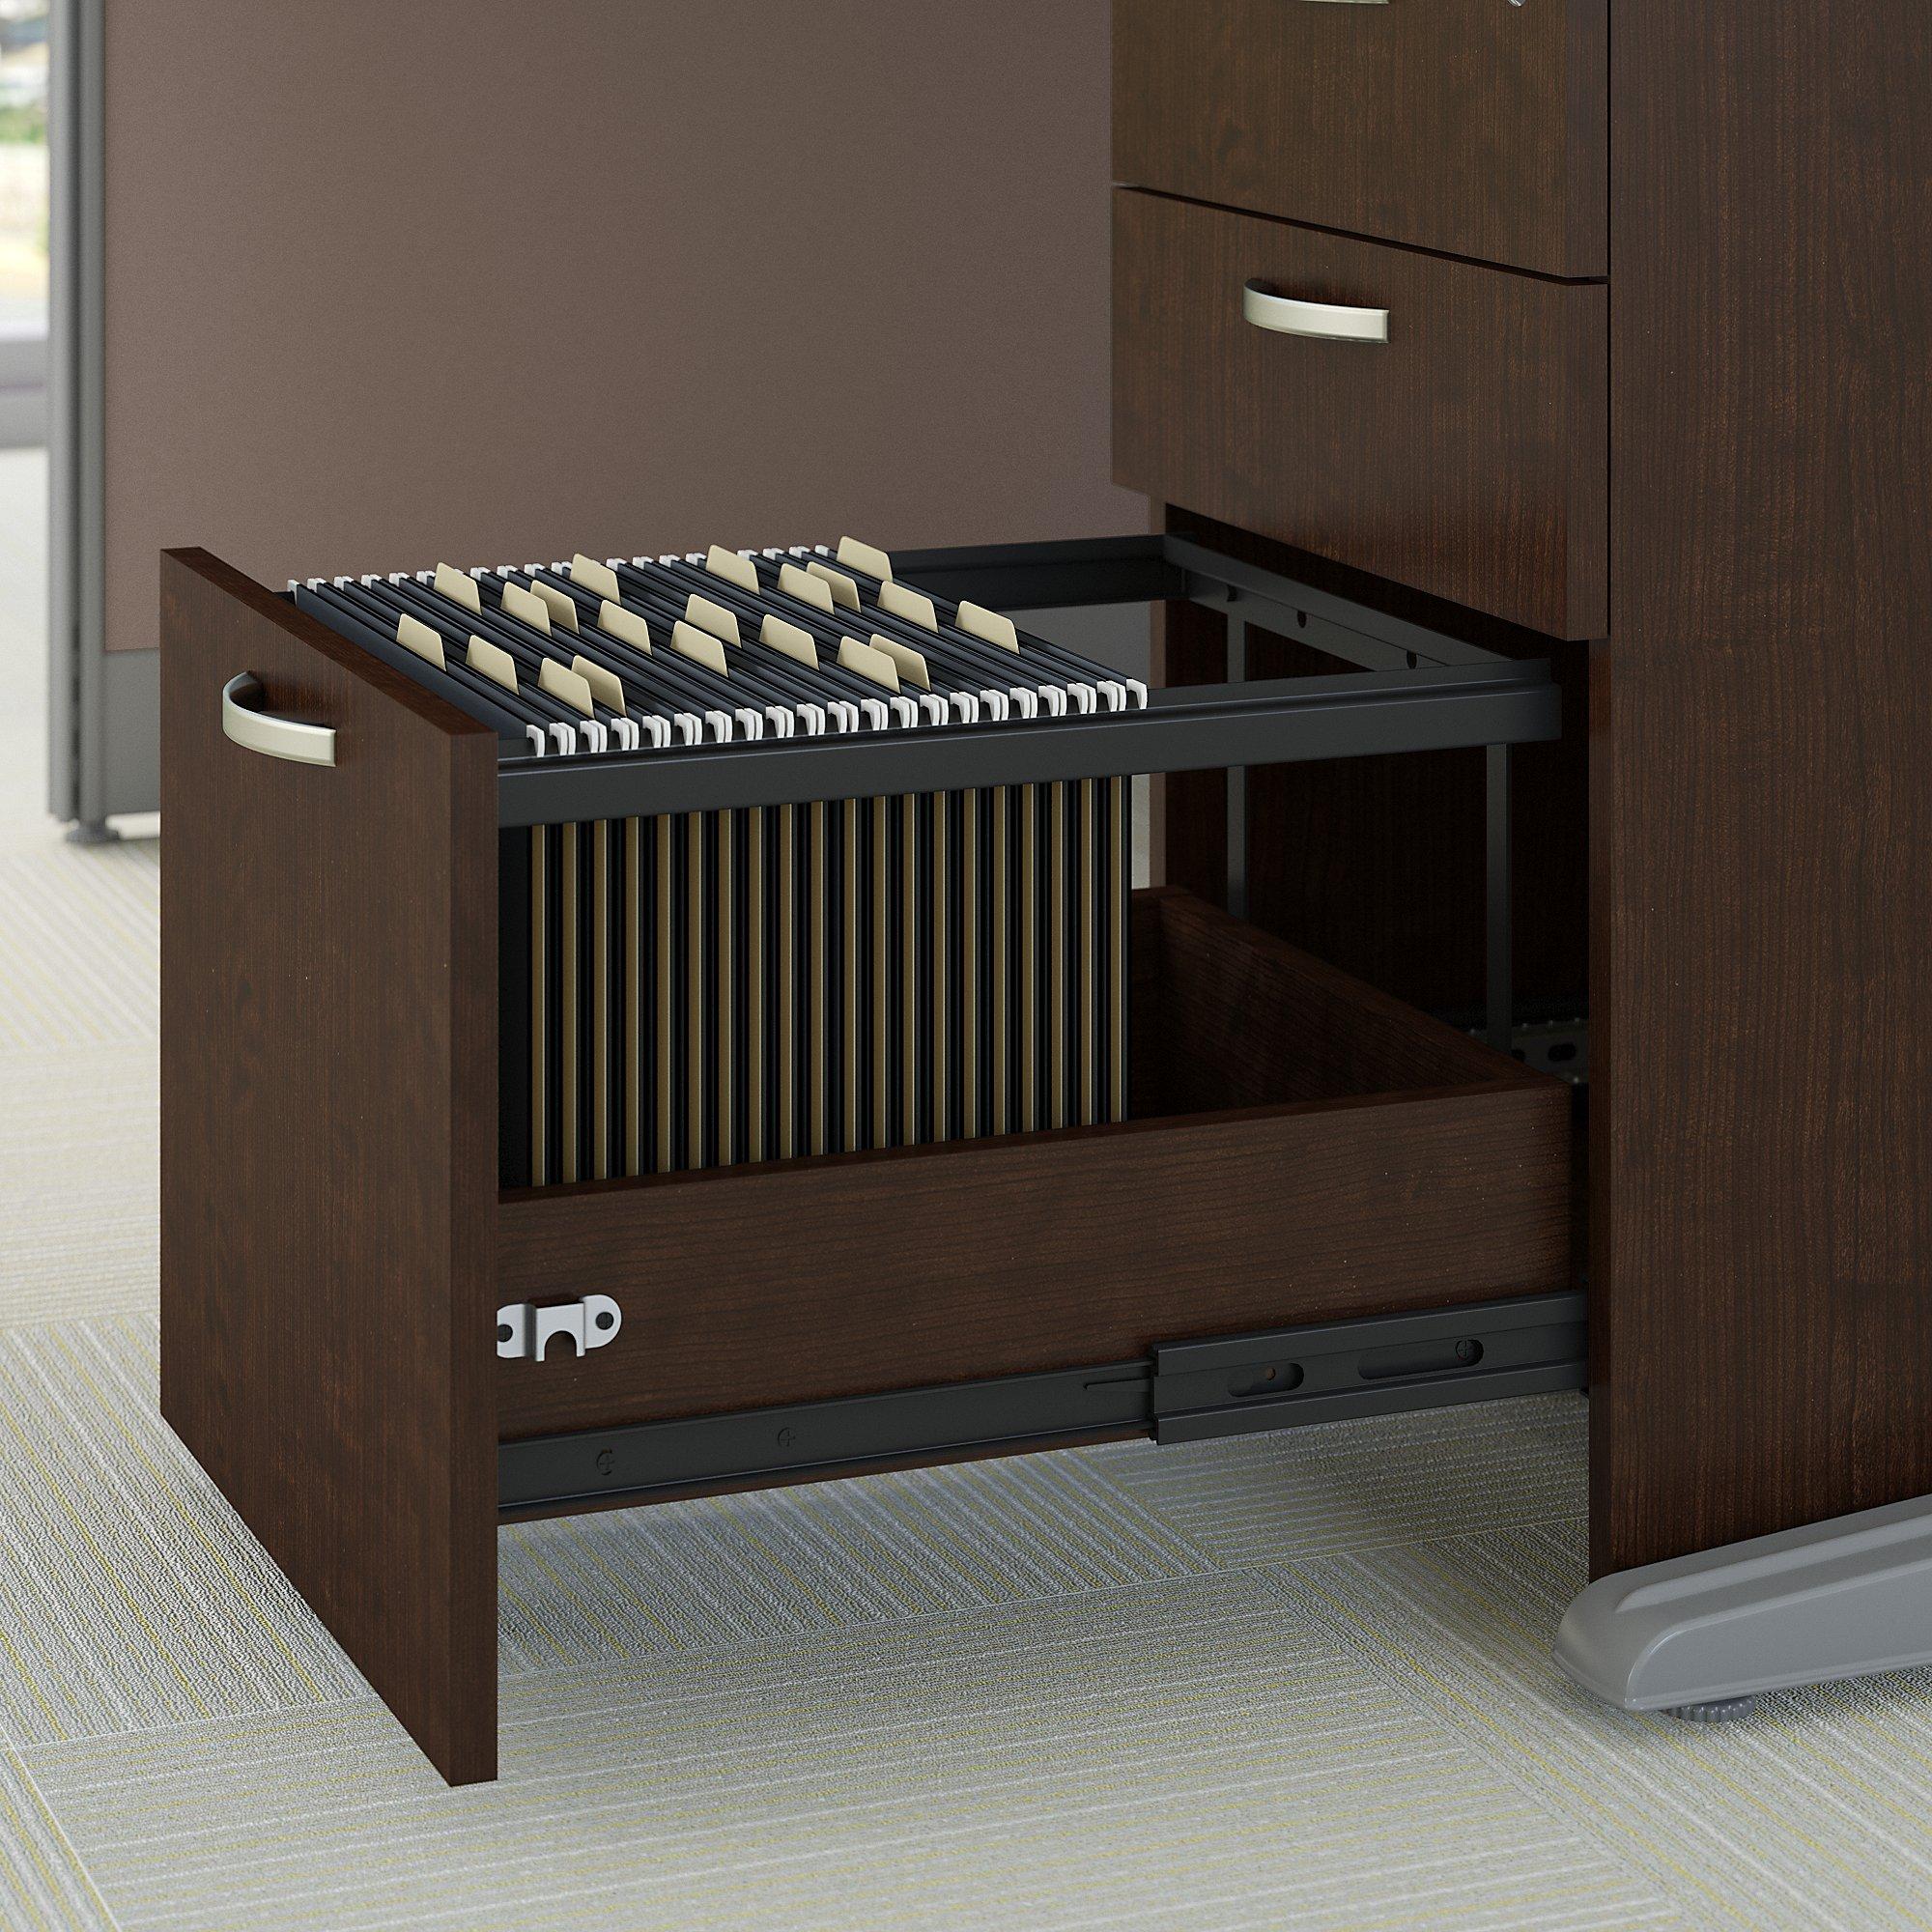 OIAH005 drawer